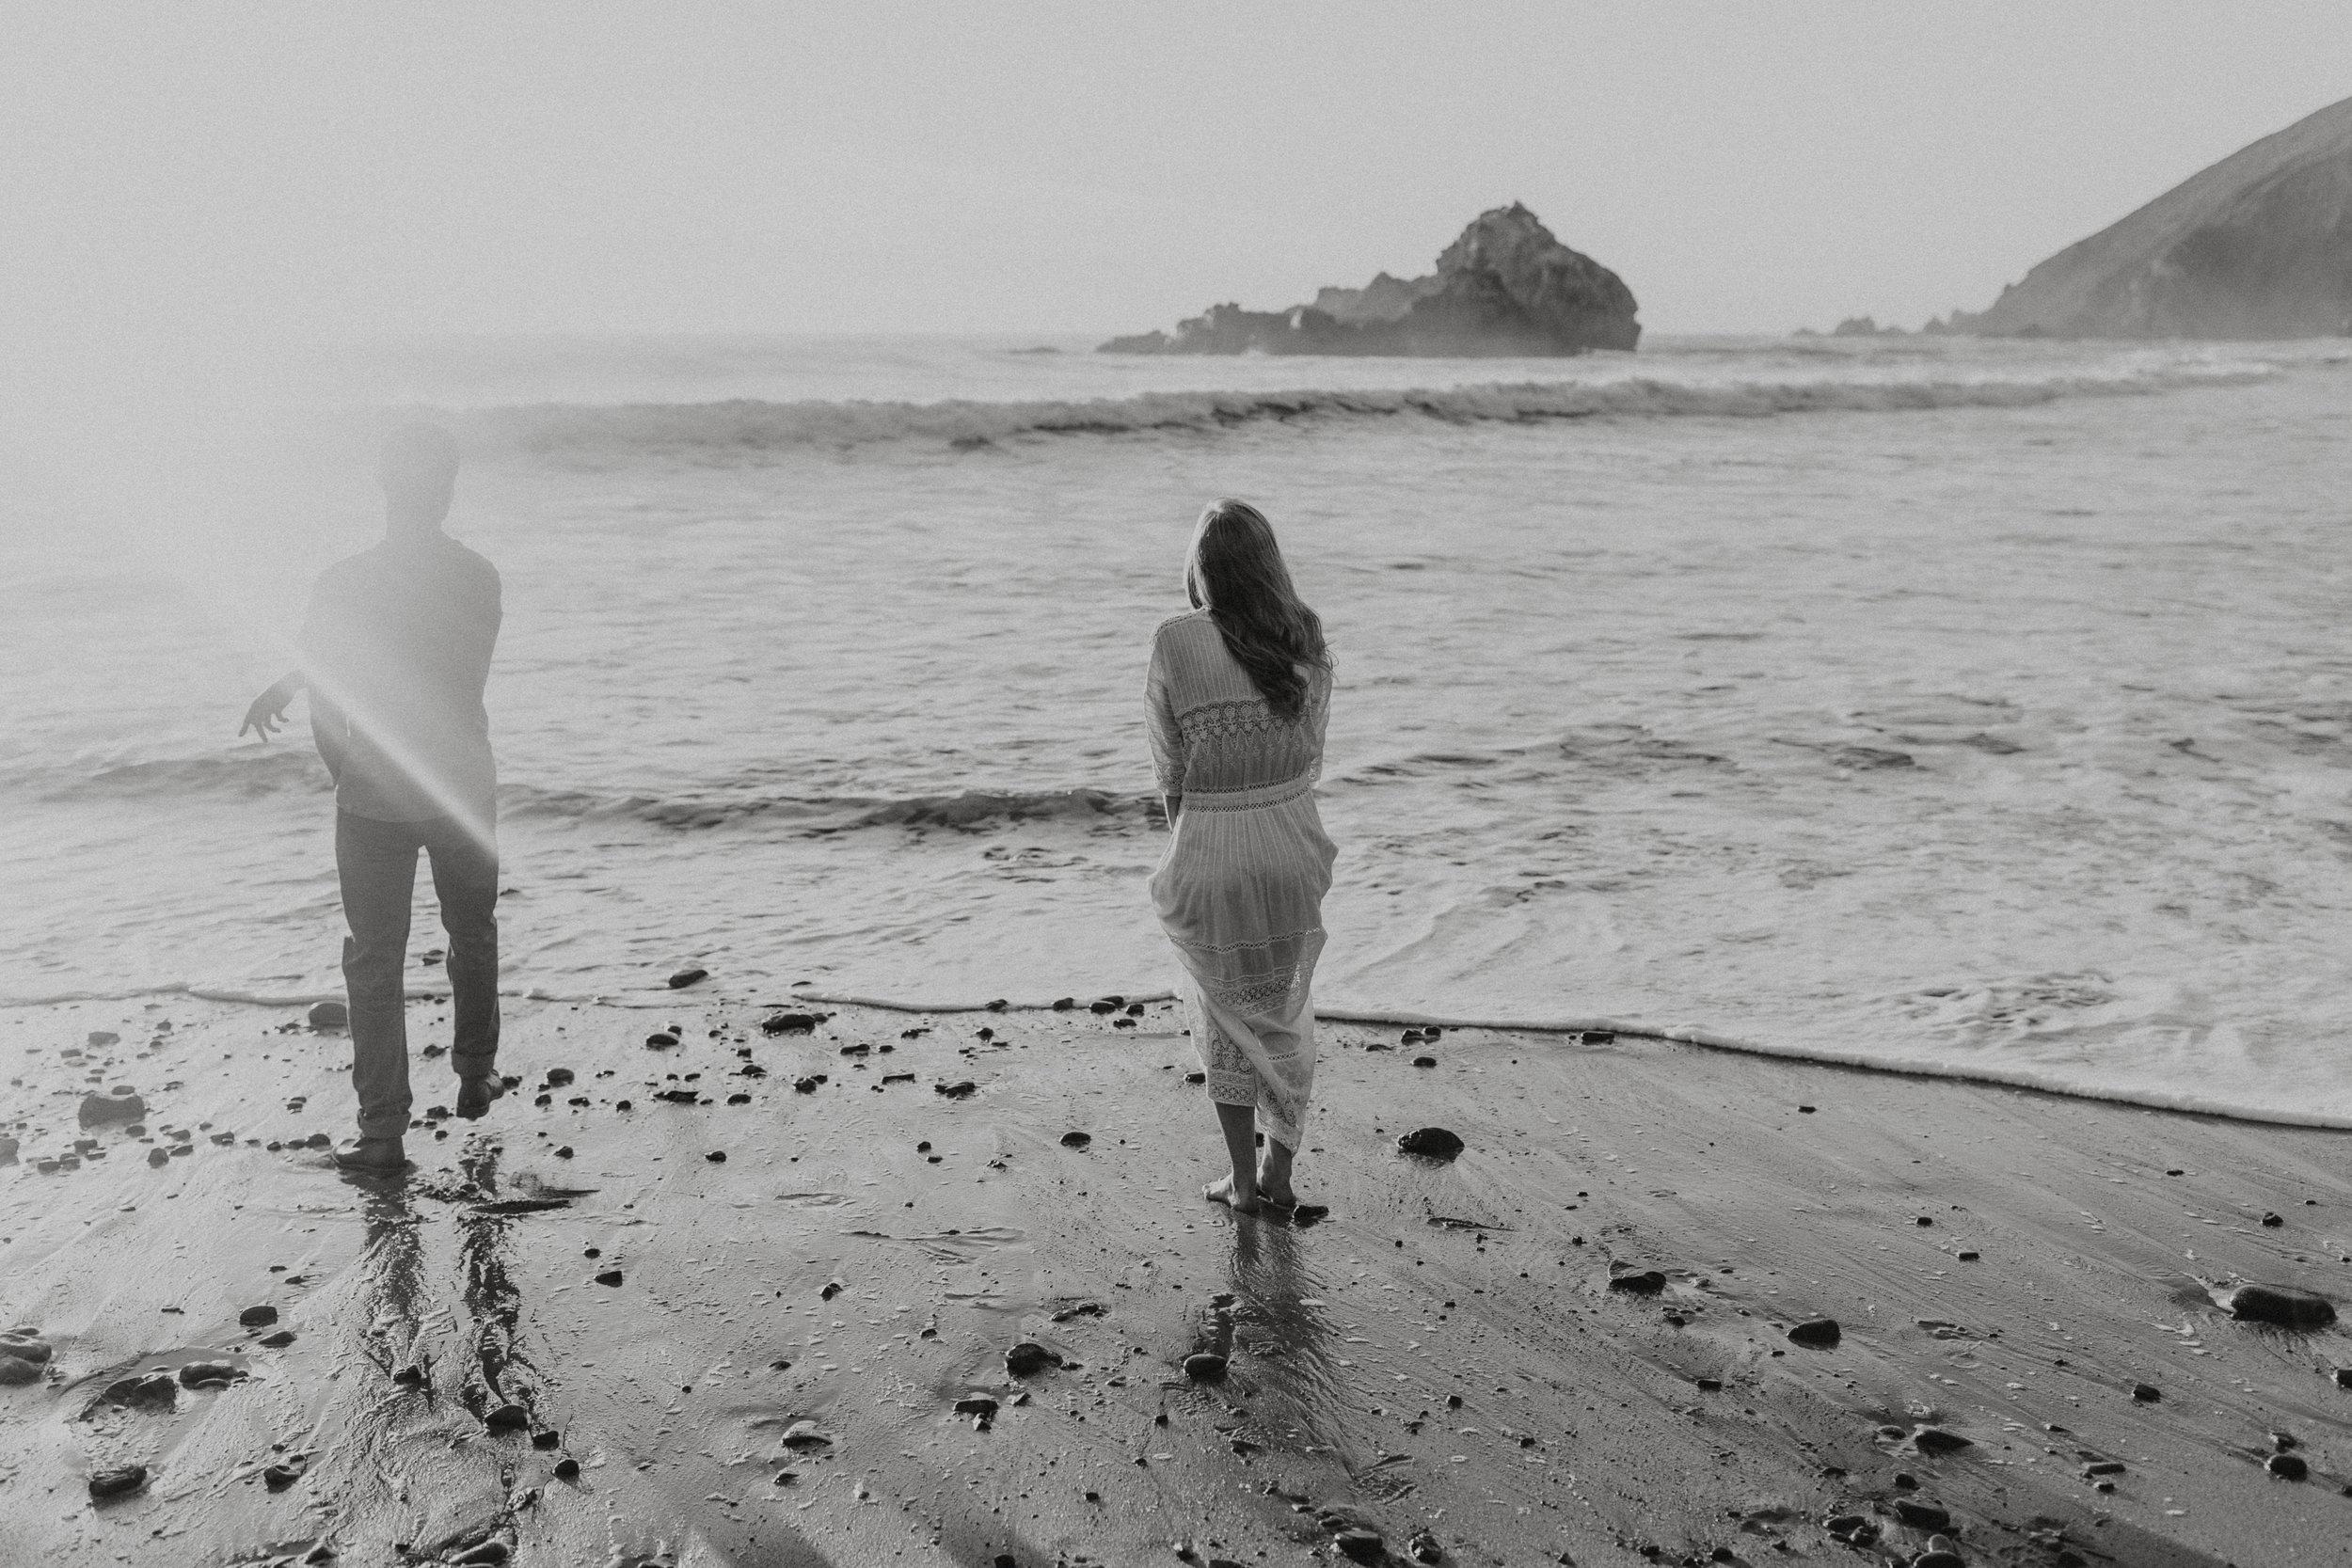 sara&patrick-bigsur-california-engagements-2019-1162-2.jpg